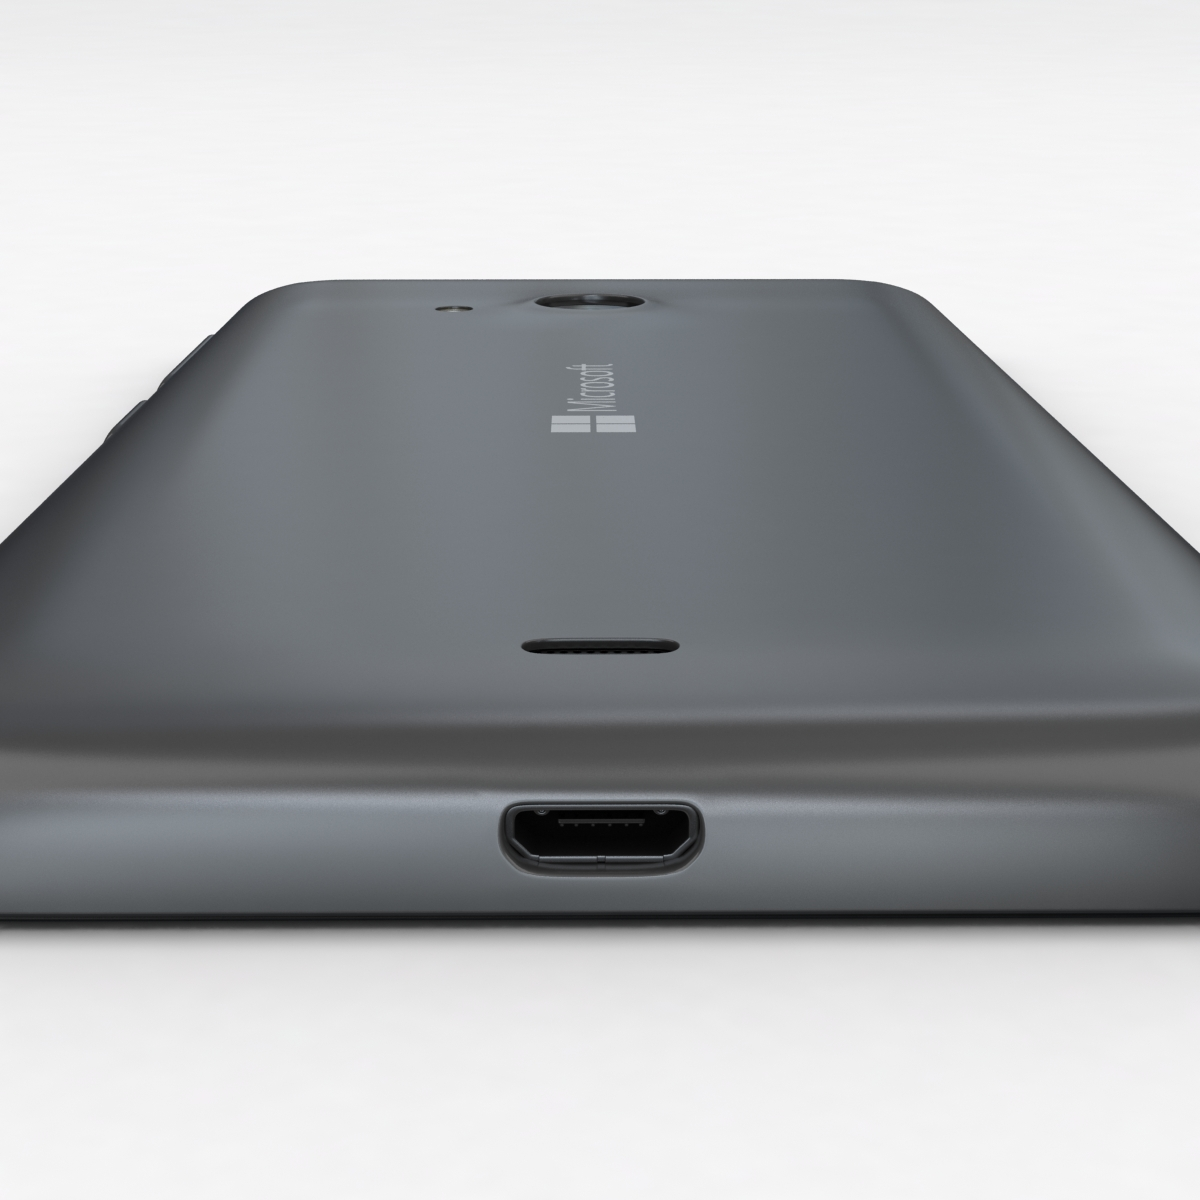 microsoft lumia 535 and dual sim all colors 3d model 3ds max fbx c4d obj 204692